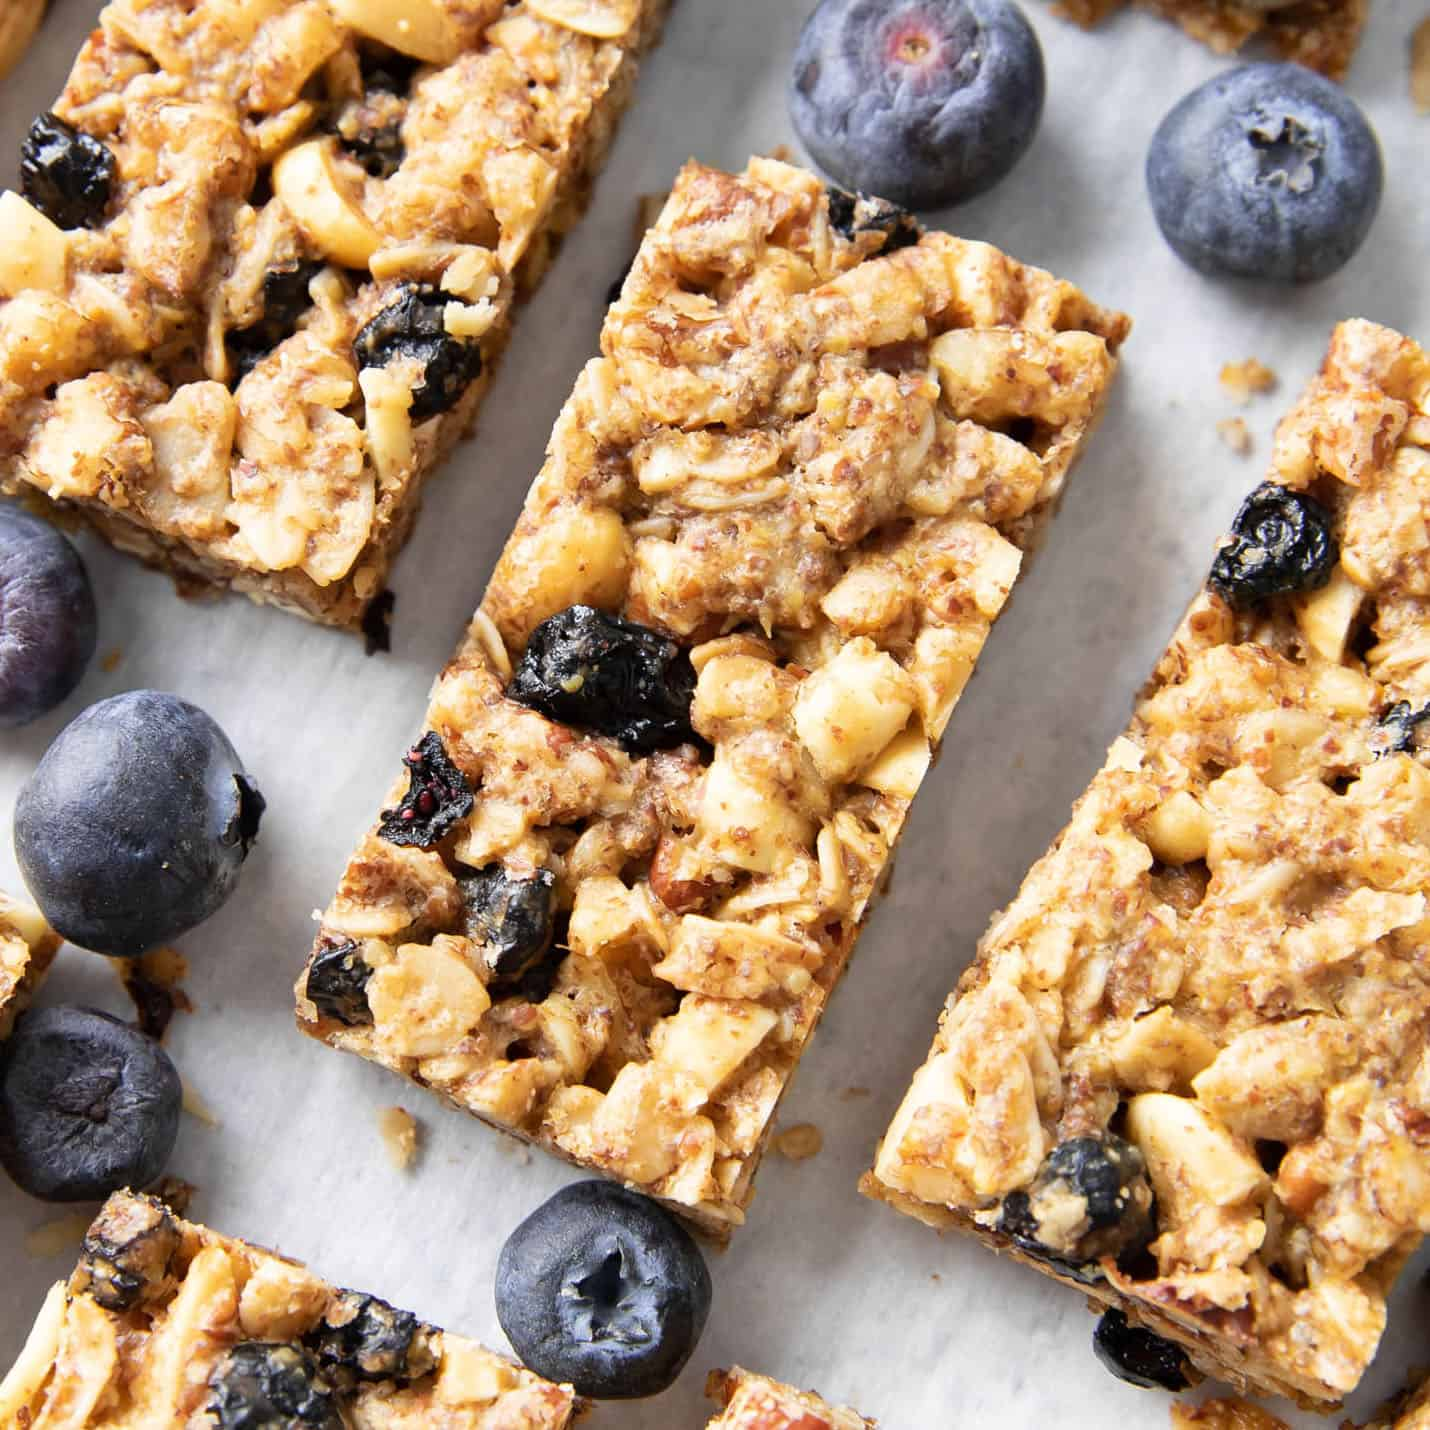 Healthy Homemade Blueberry Granola Bars Vegan Gf Beaming Baker